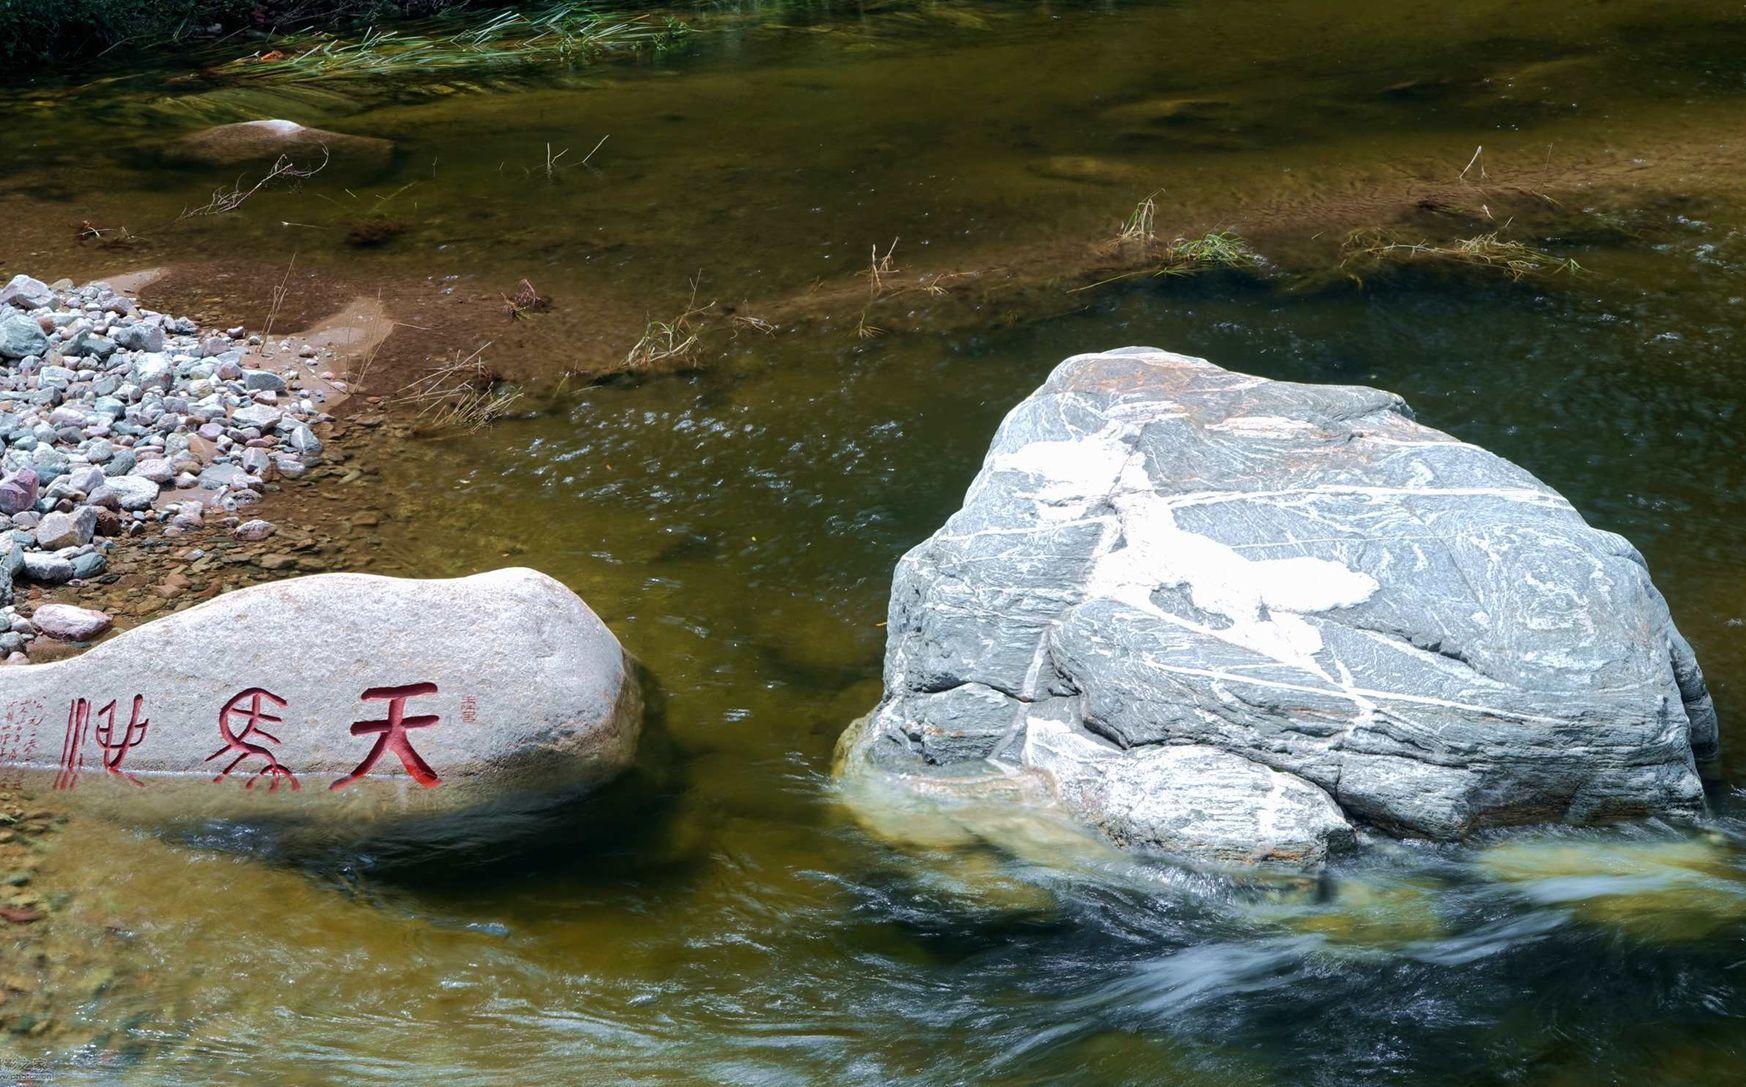 彩石溪--山东旅游,泰安东方旅行社,泰山东方旅行社